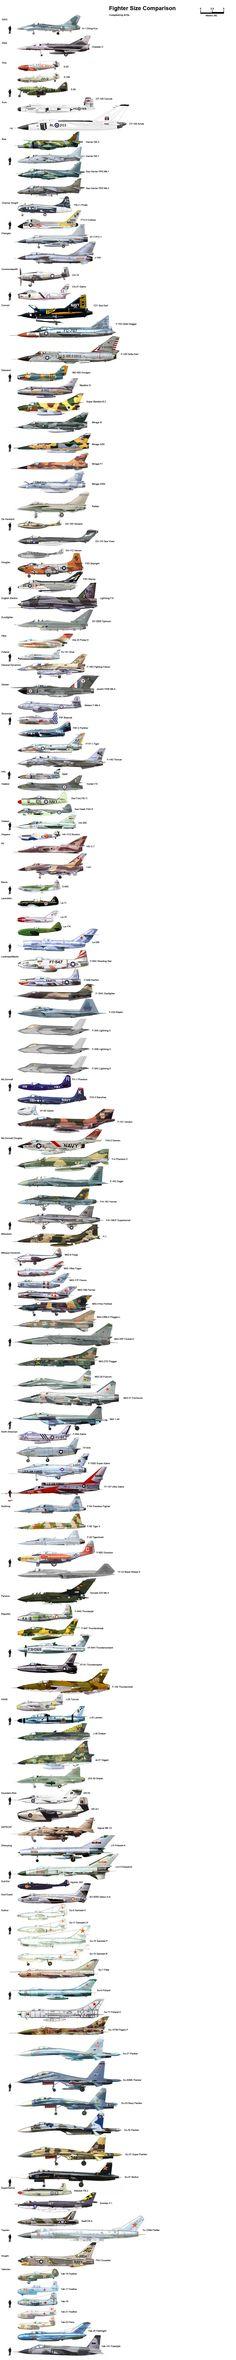 Comparatifs de la taille d'avions de chasse et d'hélicoptères - La boite verte